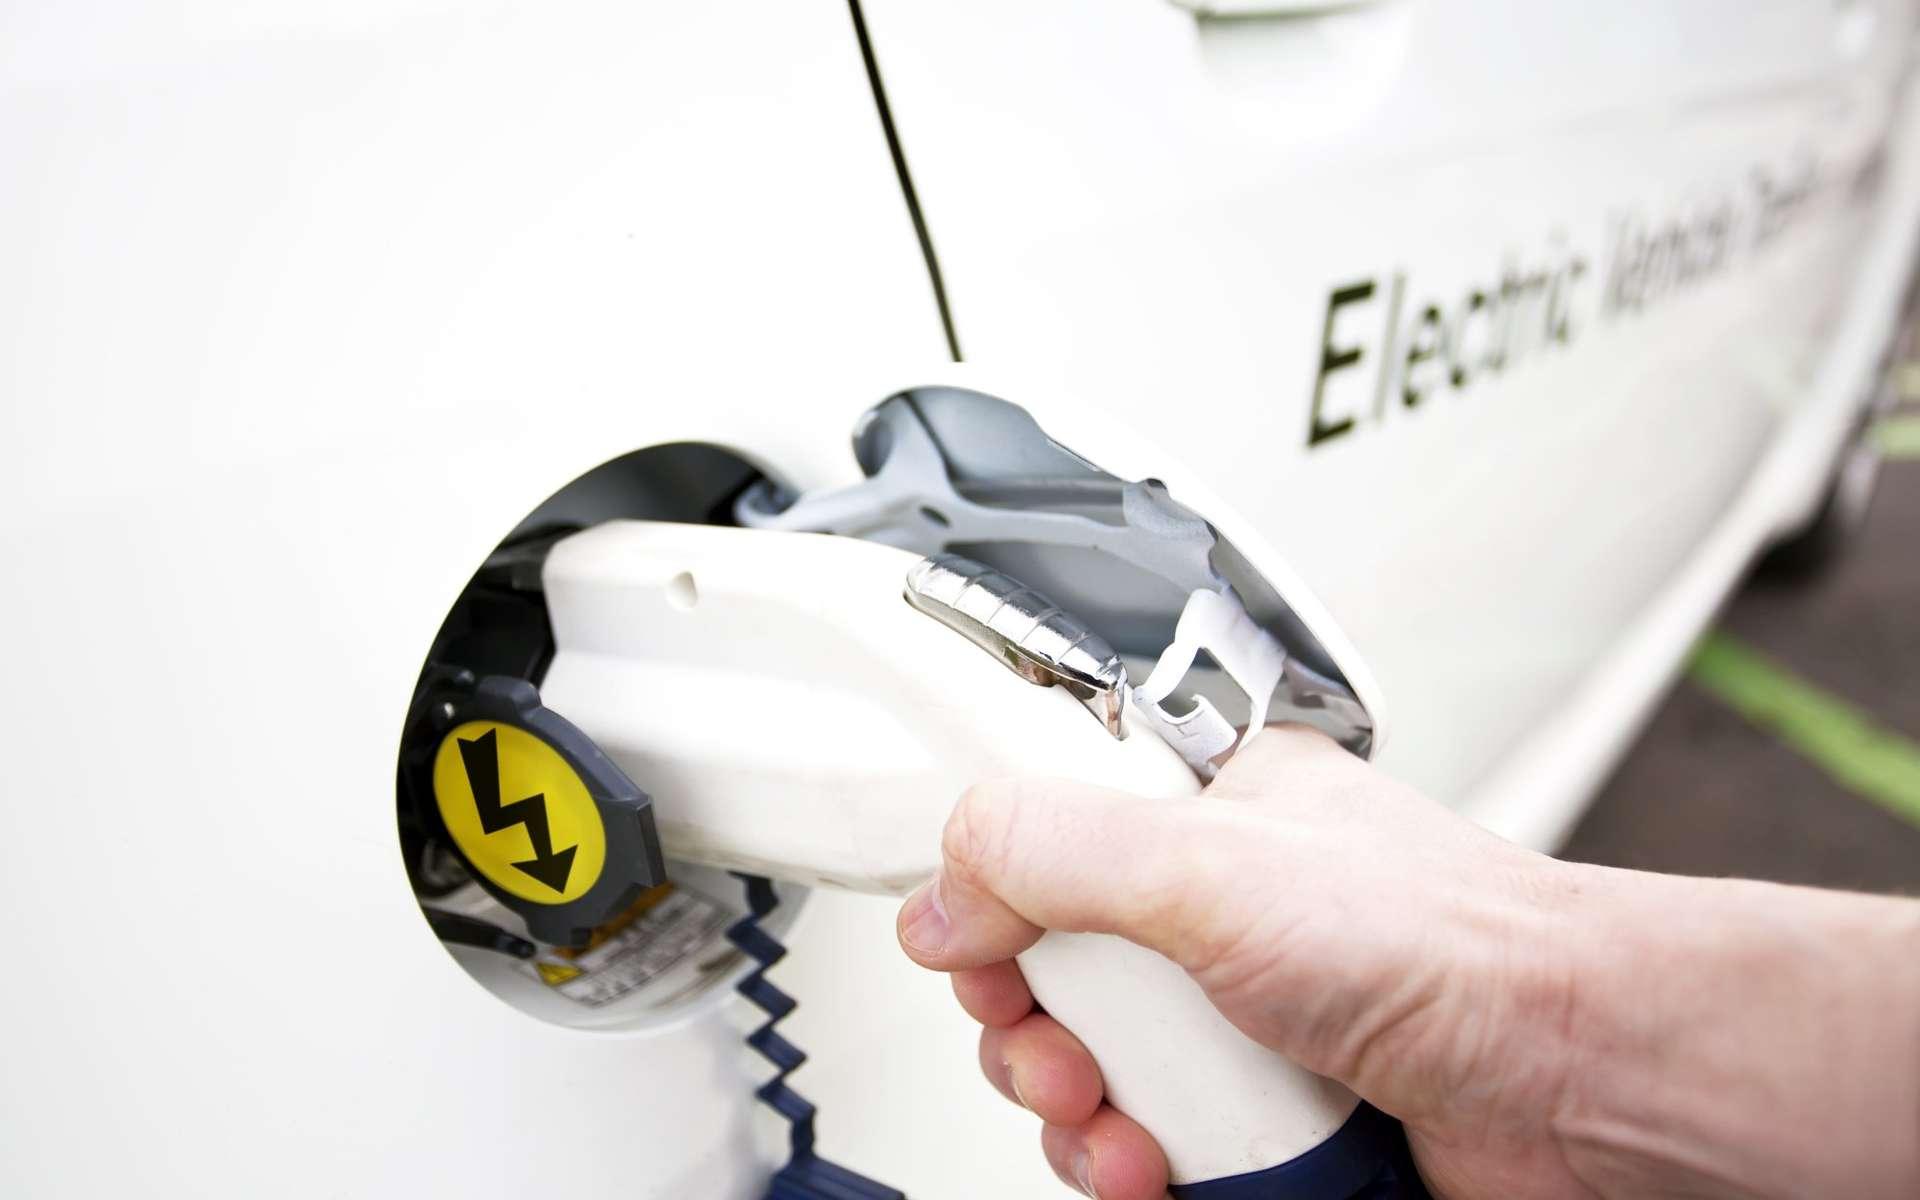 En 2014, la Norvège est devenue le premier marché pour les voitures électriques, avec 18.649 immatriculations, soit le double des ventes enregistrées en 2013. © Markus, Shutterstock.com